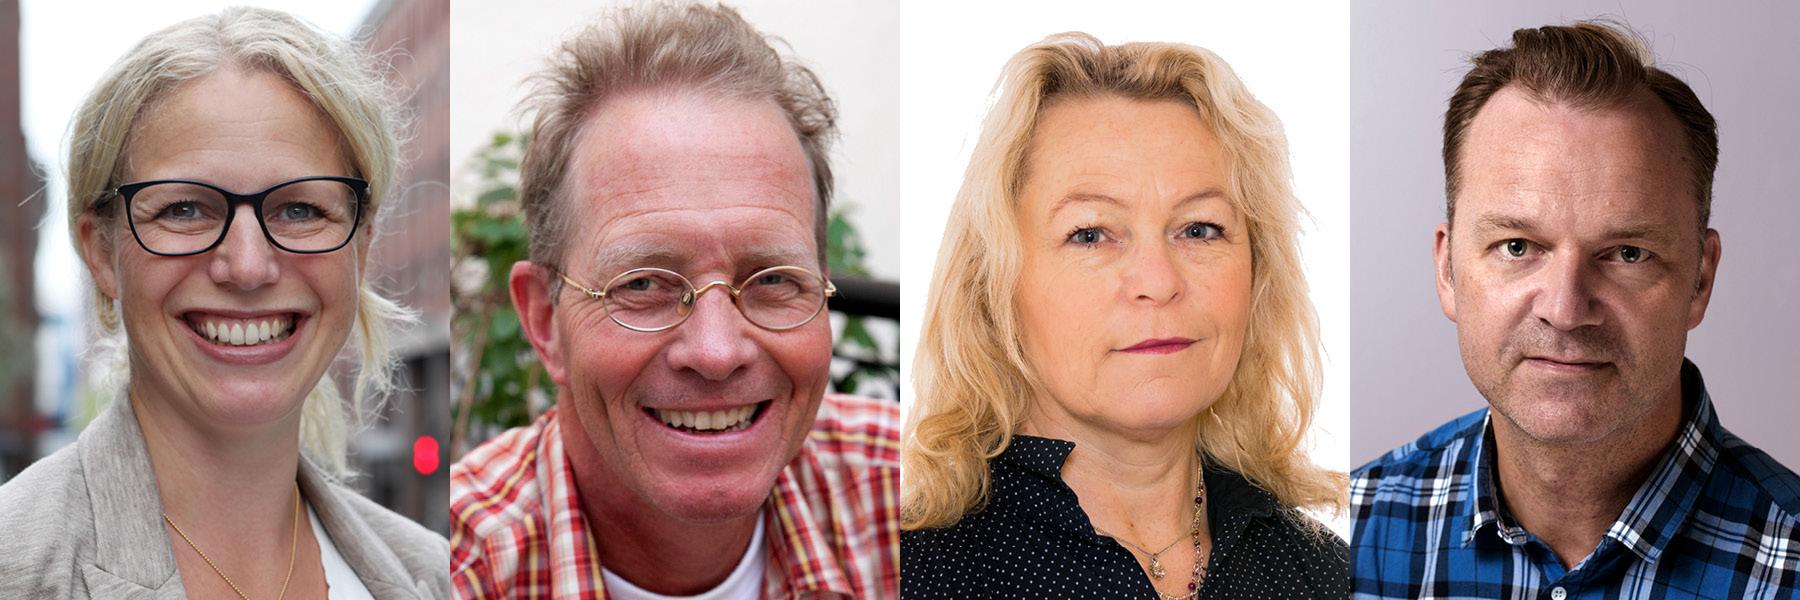 F.v.: Linda Granlund,Niels Christian Geelmuyden,Åse Michaelsen og Joacim Lund.